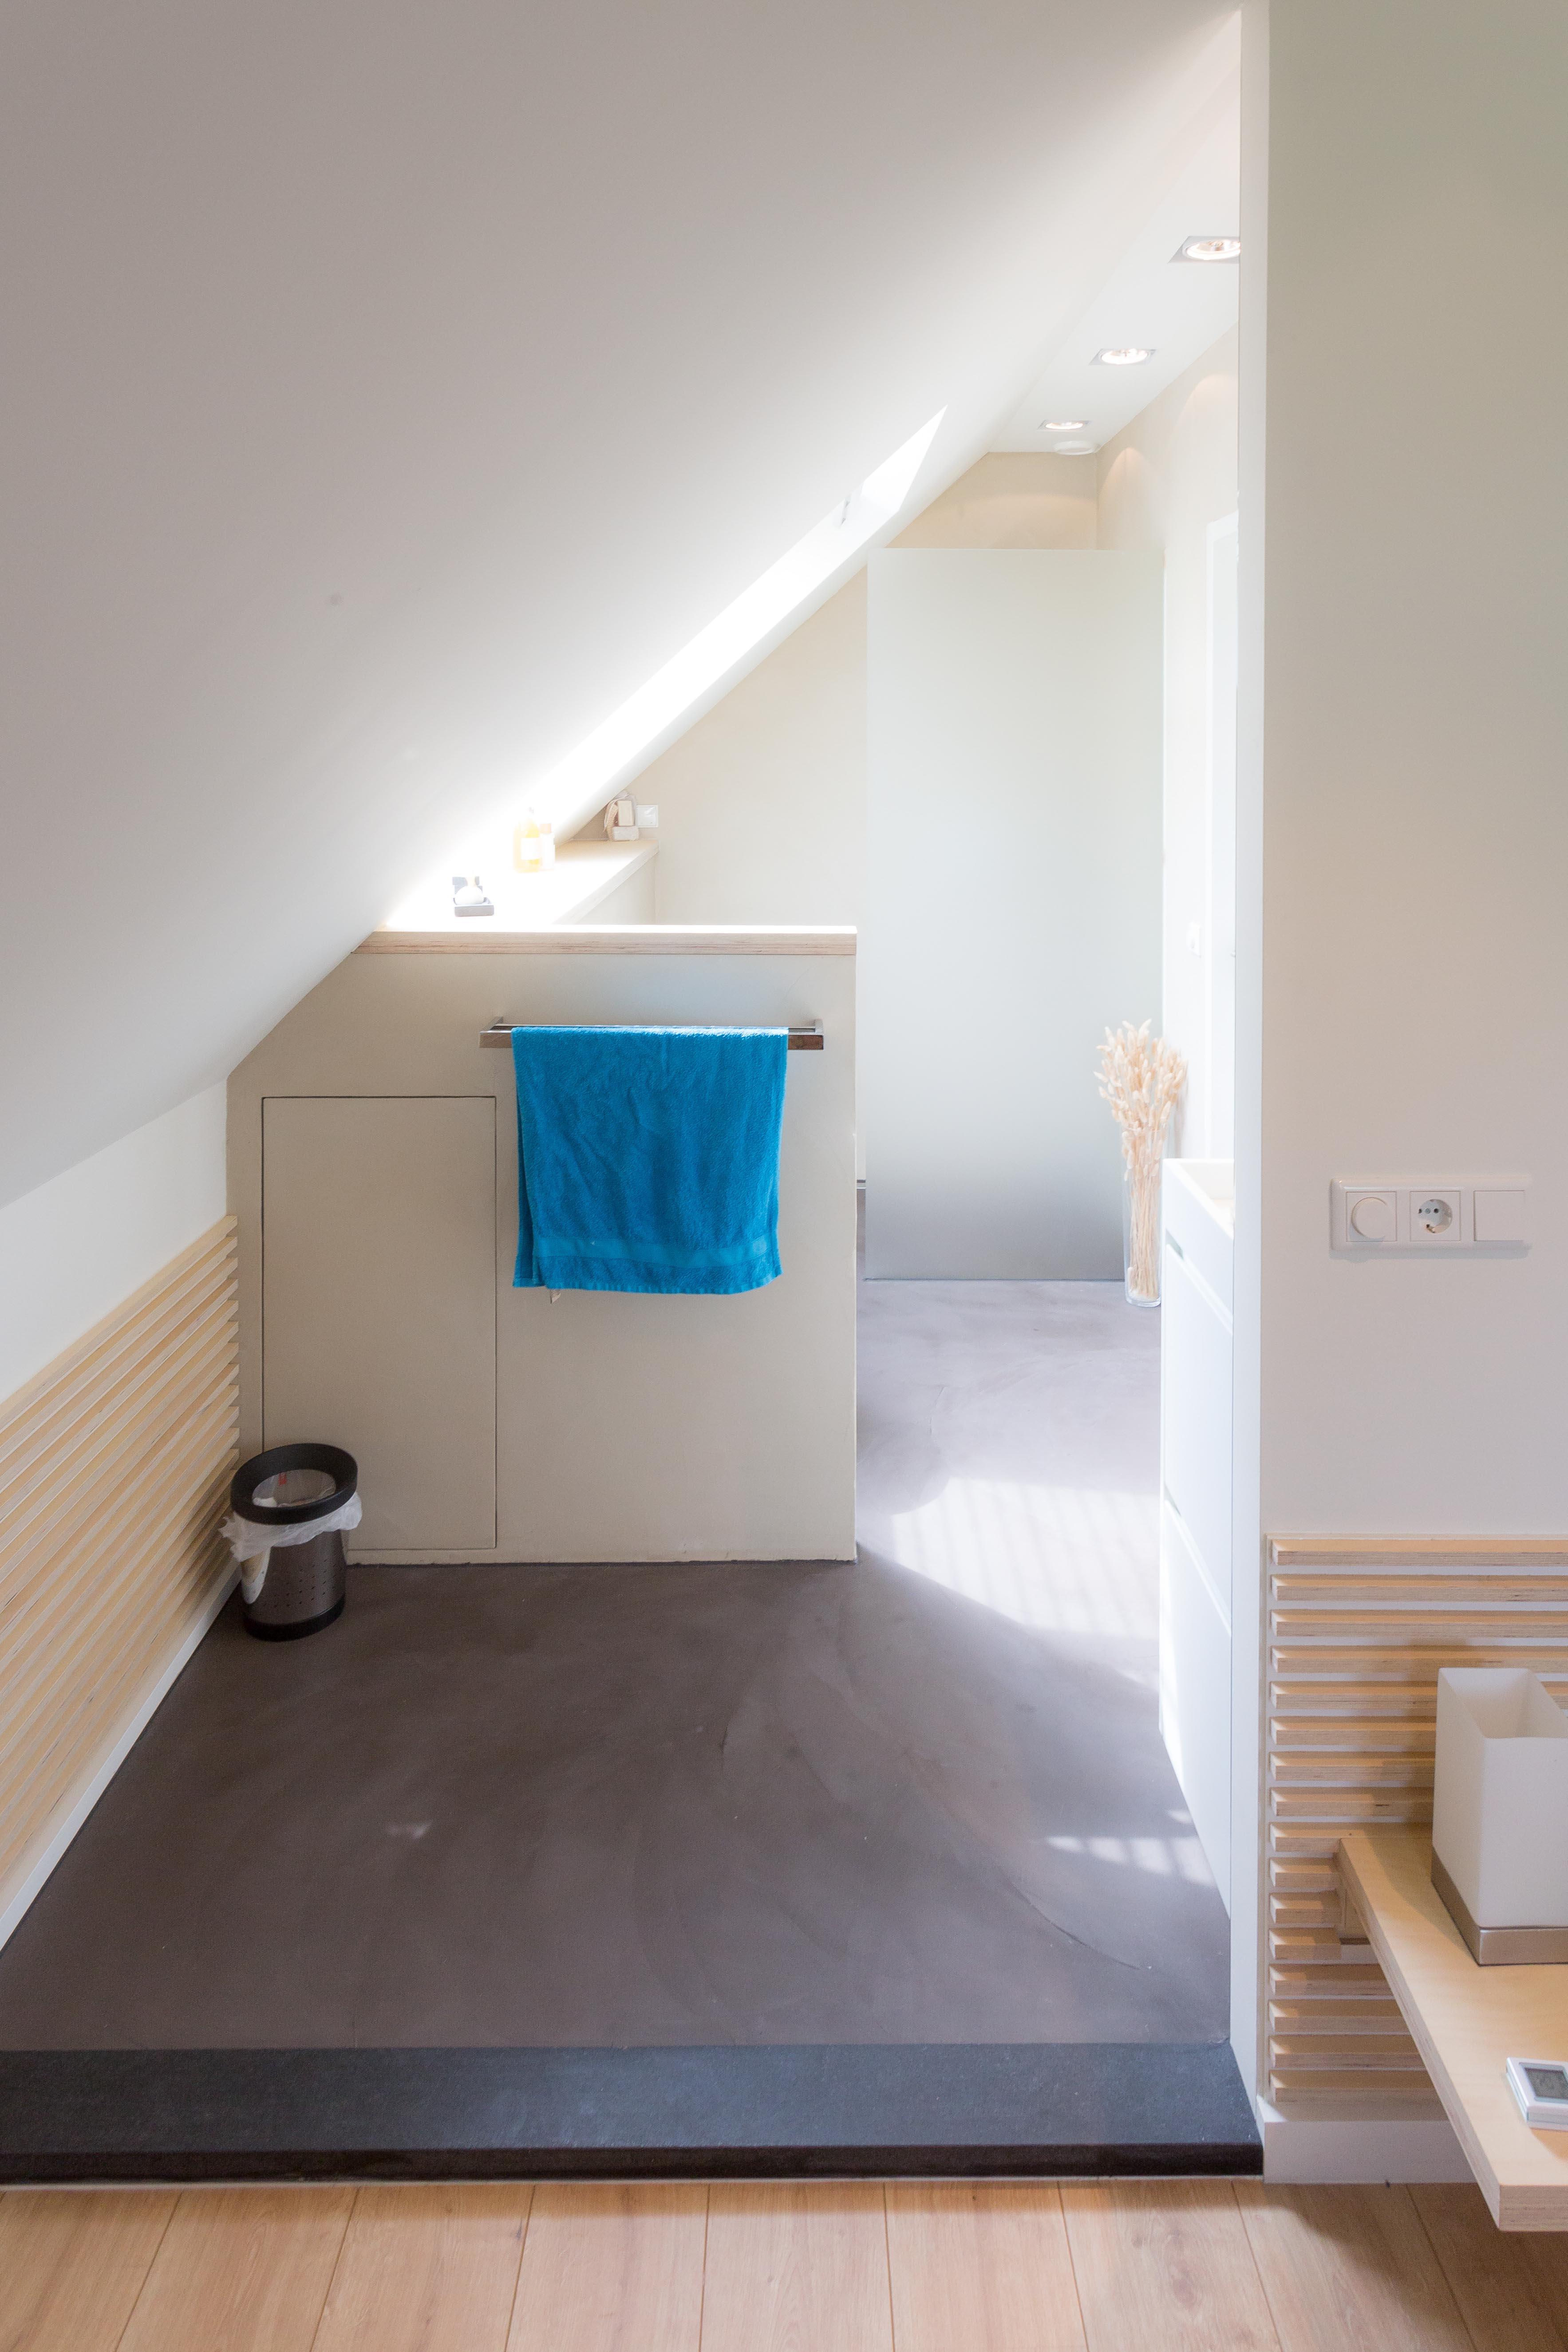 Slaapkamer met badkamer op zolder op maat ontworpen en gemaakt - Slaapkamer op de zolder ...